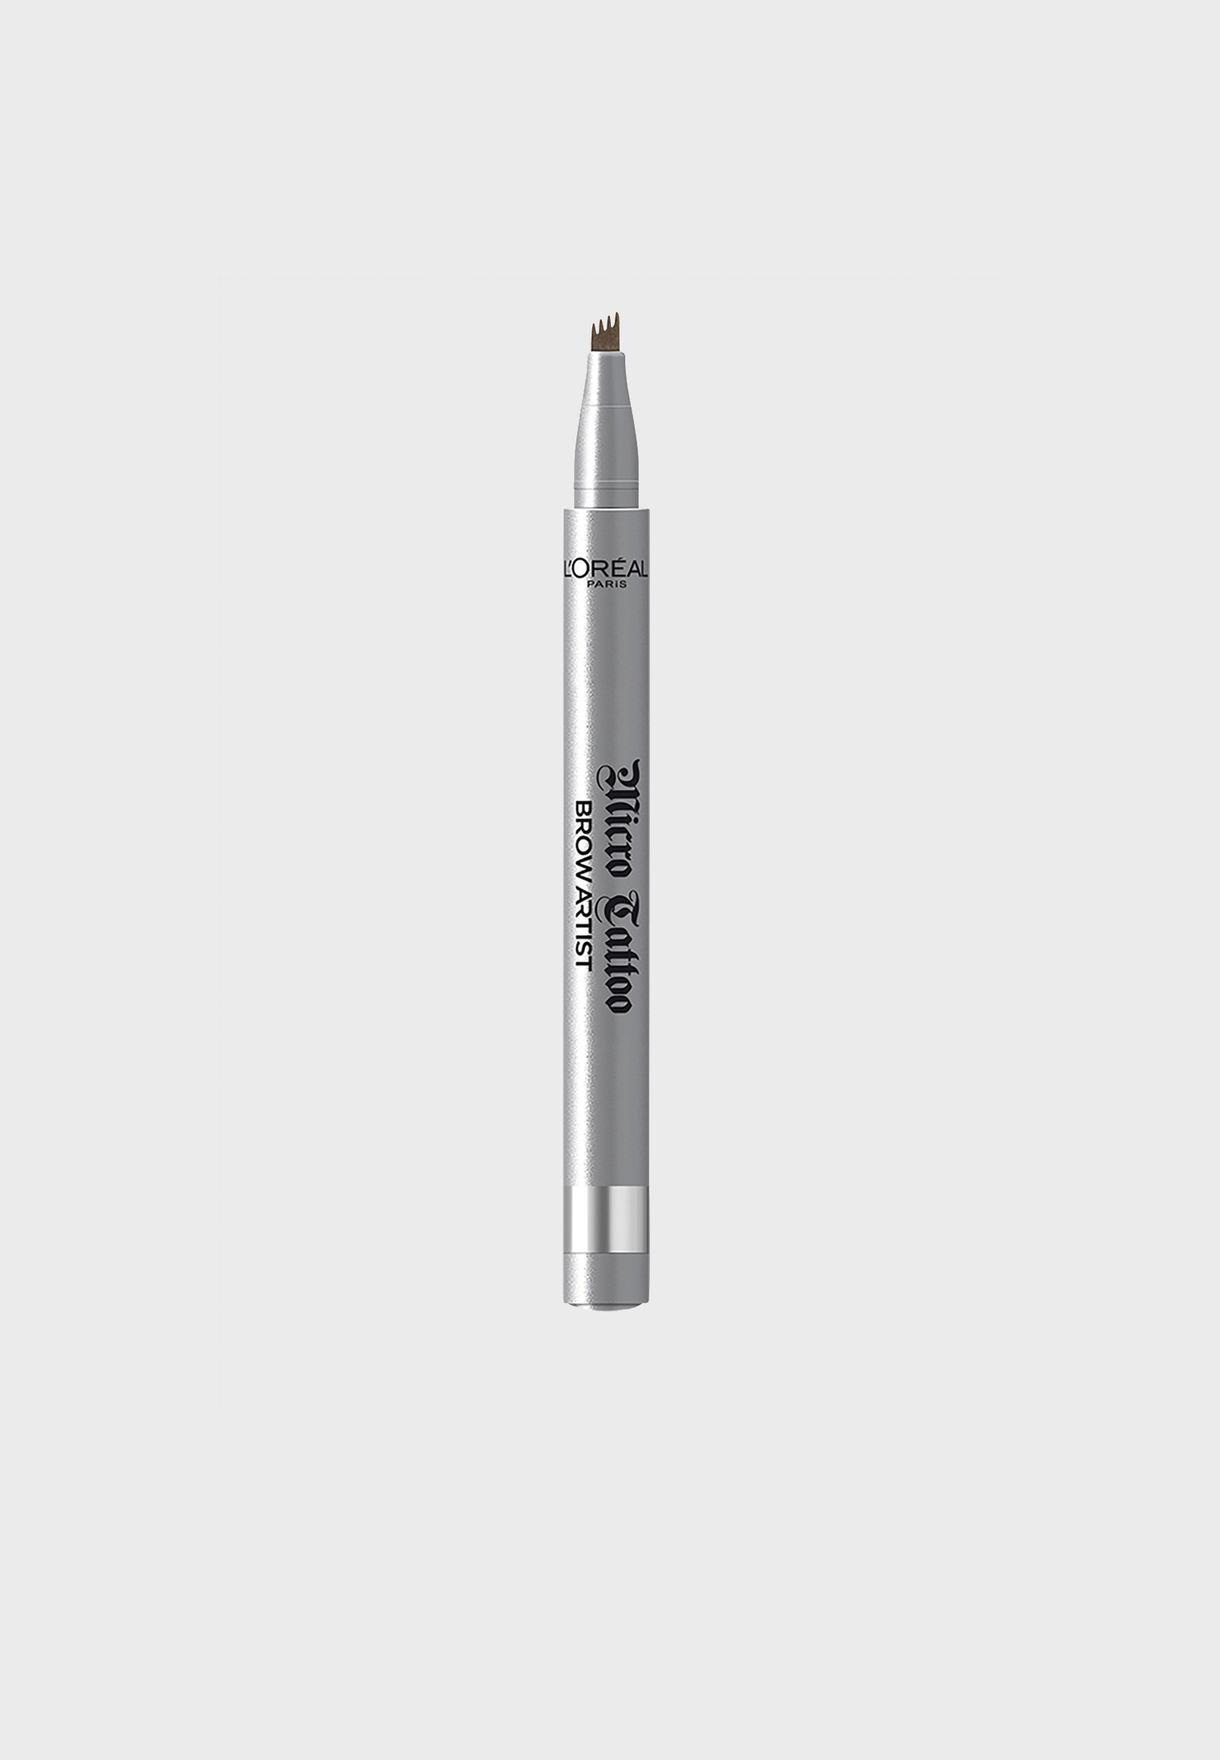 قلم حواجب برو ارتيست ميكرو تاتو 109